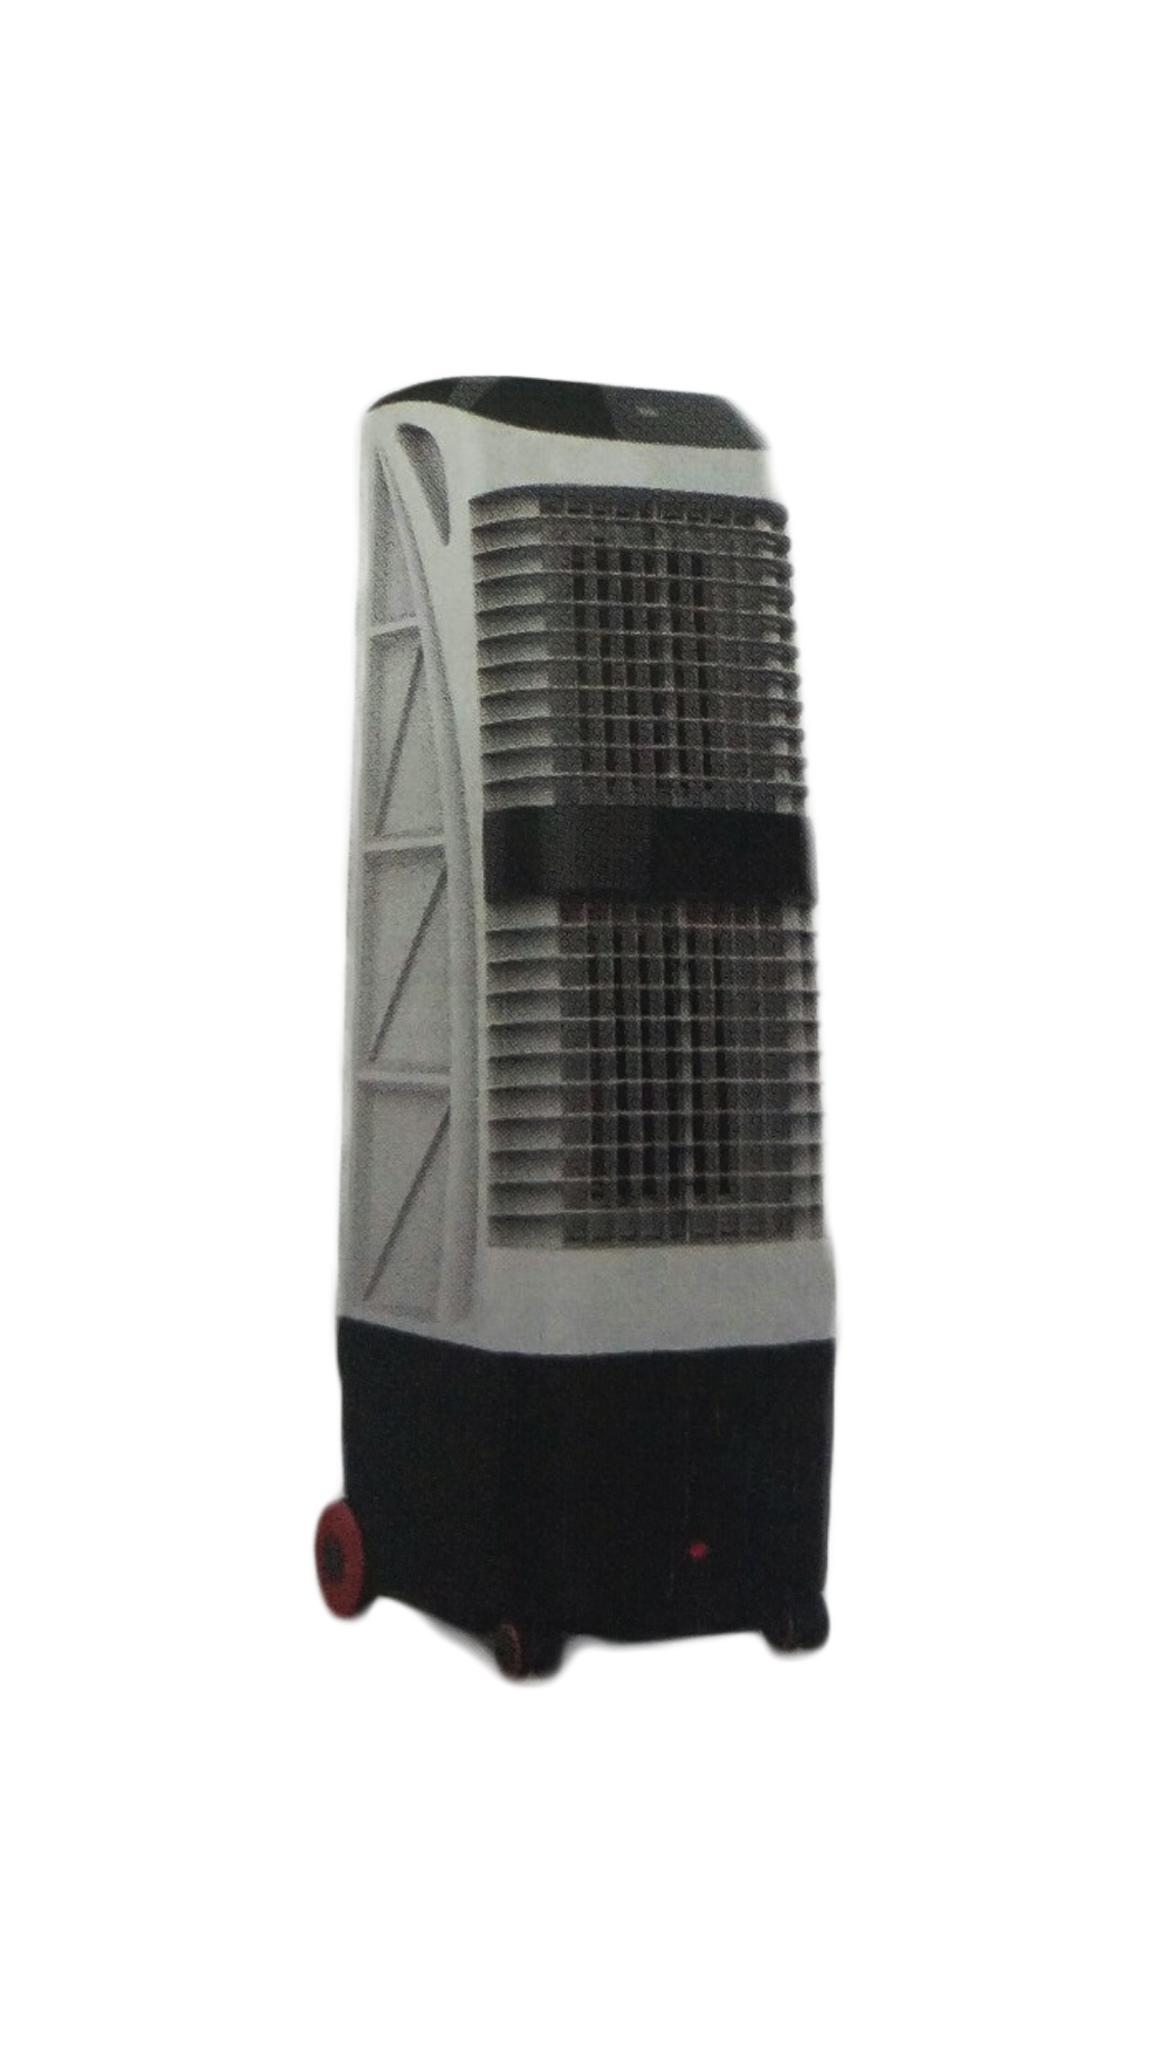 Máy làm mát không khí KT-25